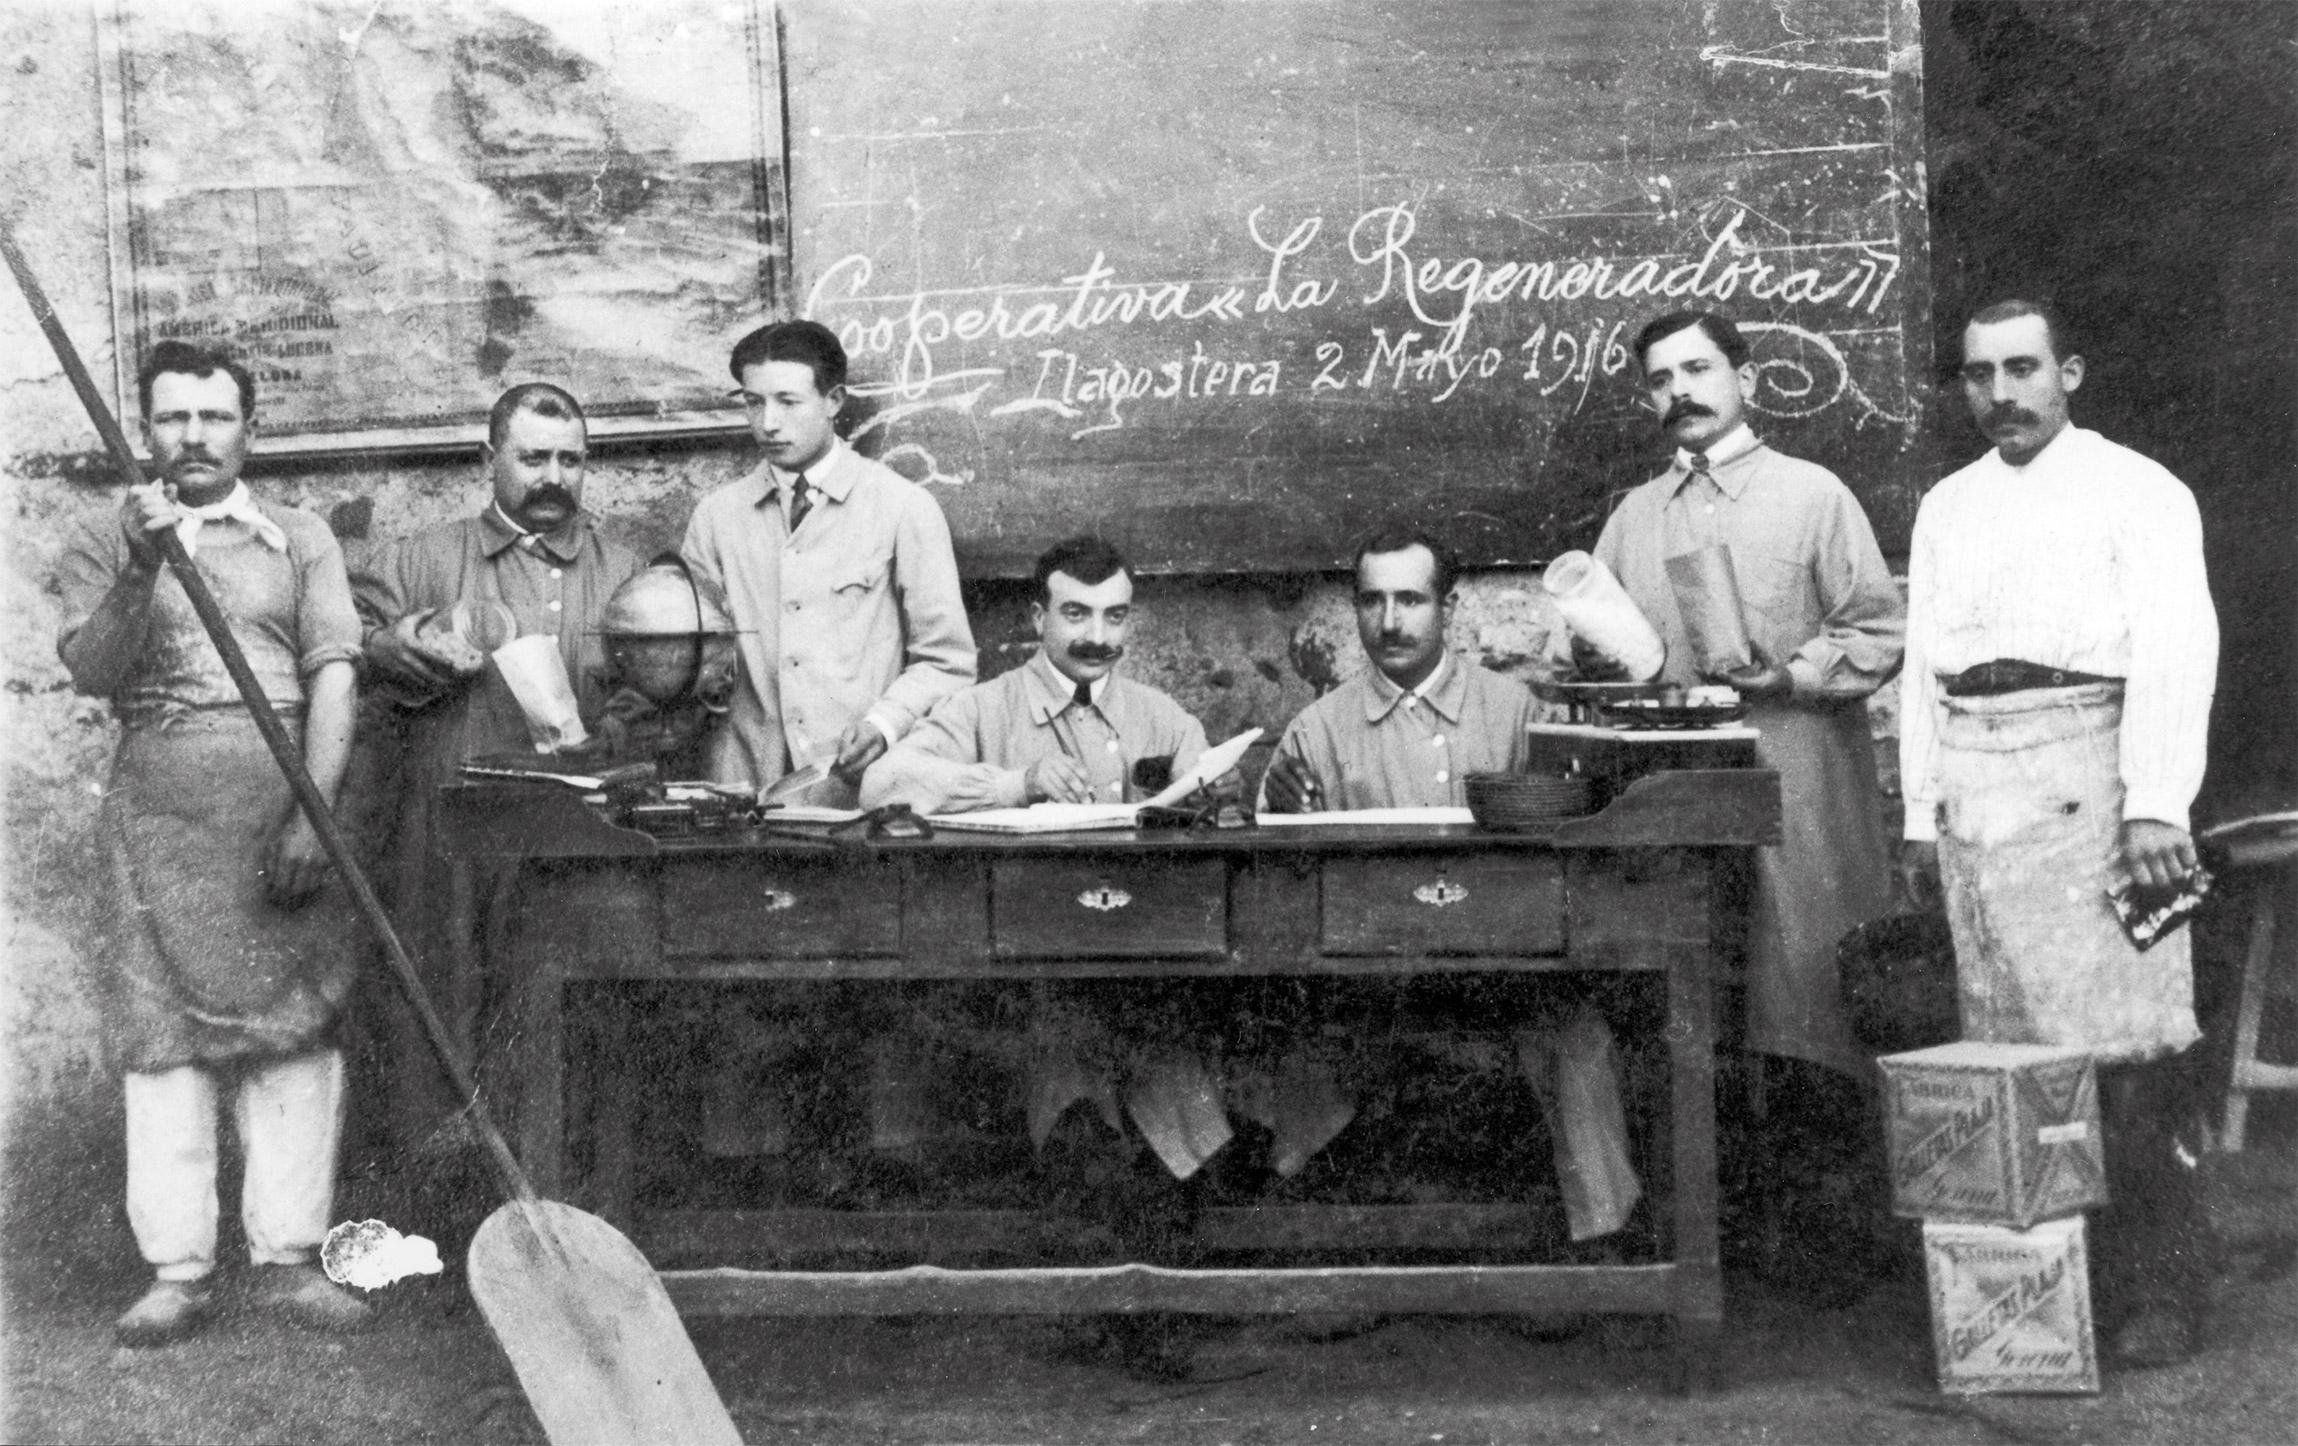 Personal de la cooperativa 'La Regeneradora' de Llagostera              | Imatge d'arxiu, Museu d'Història de Catalunya